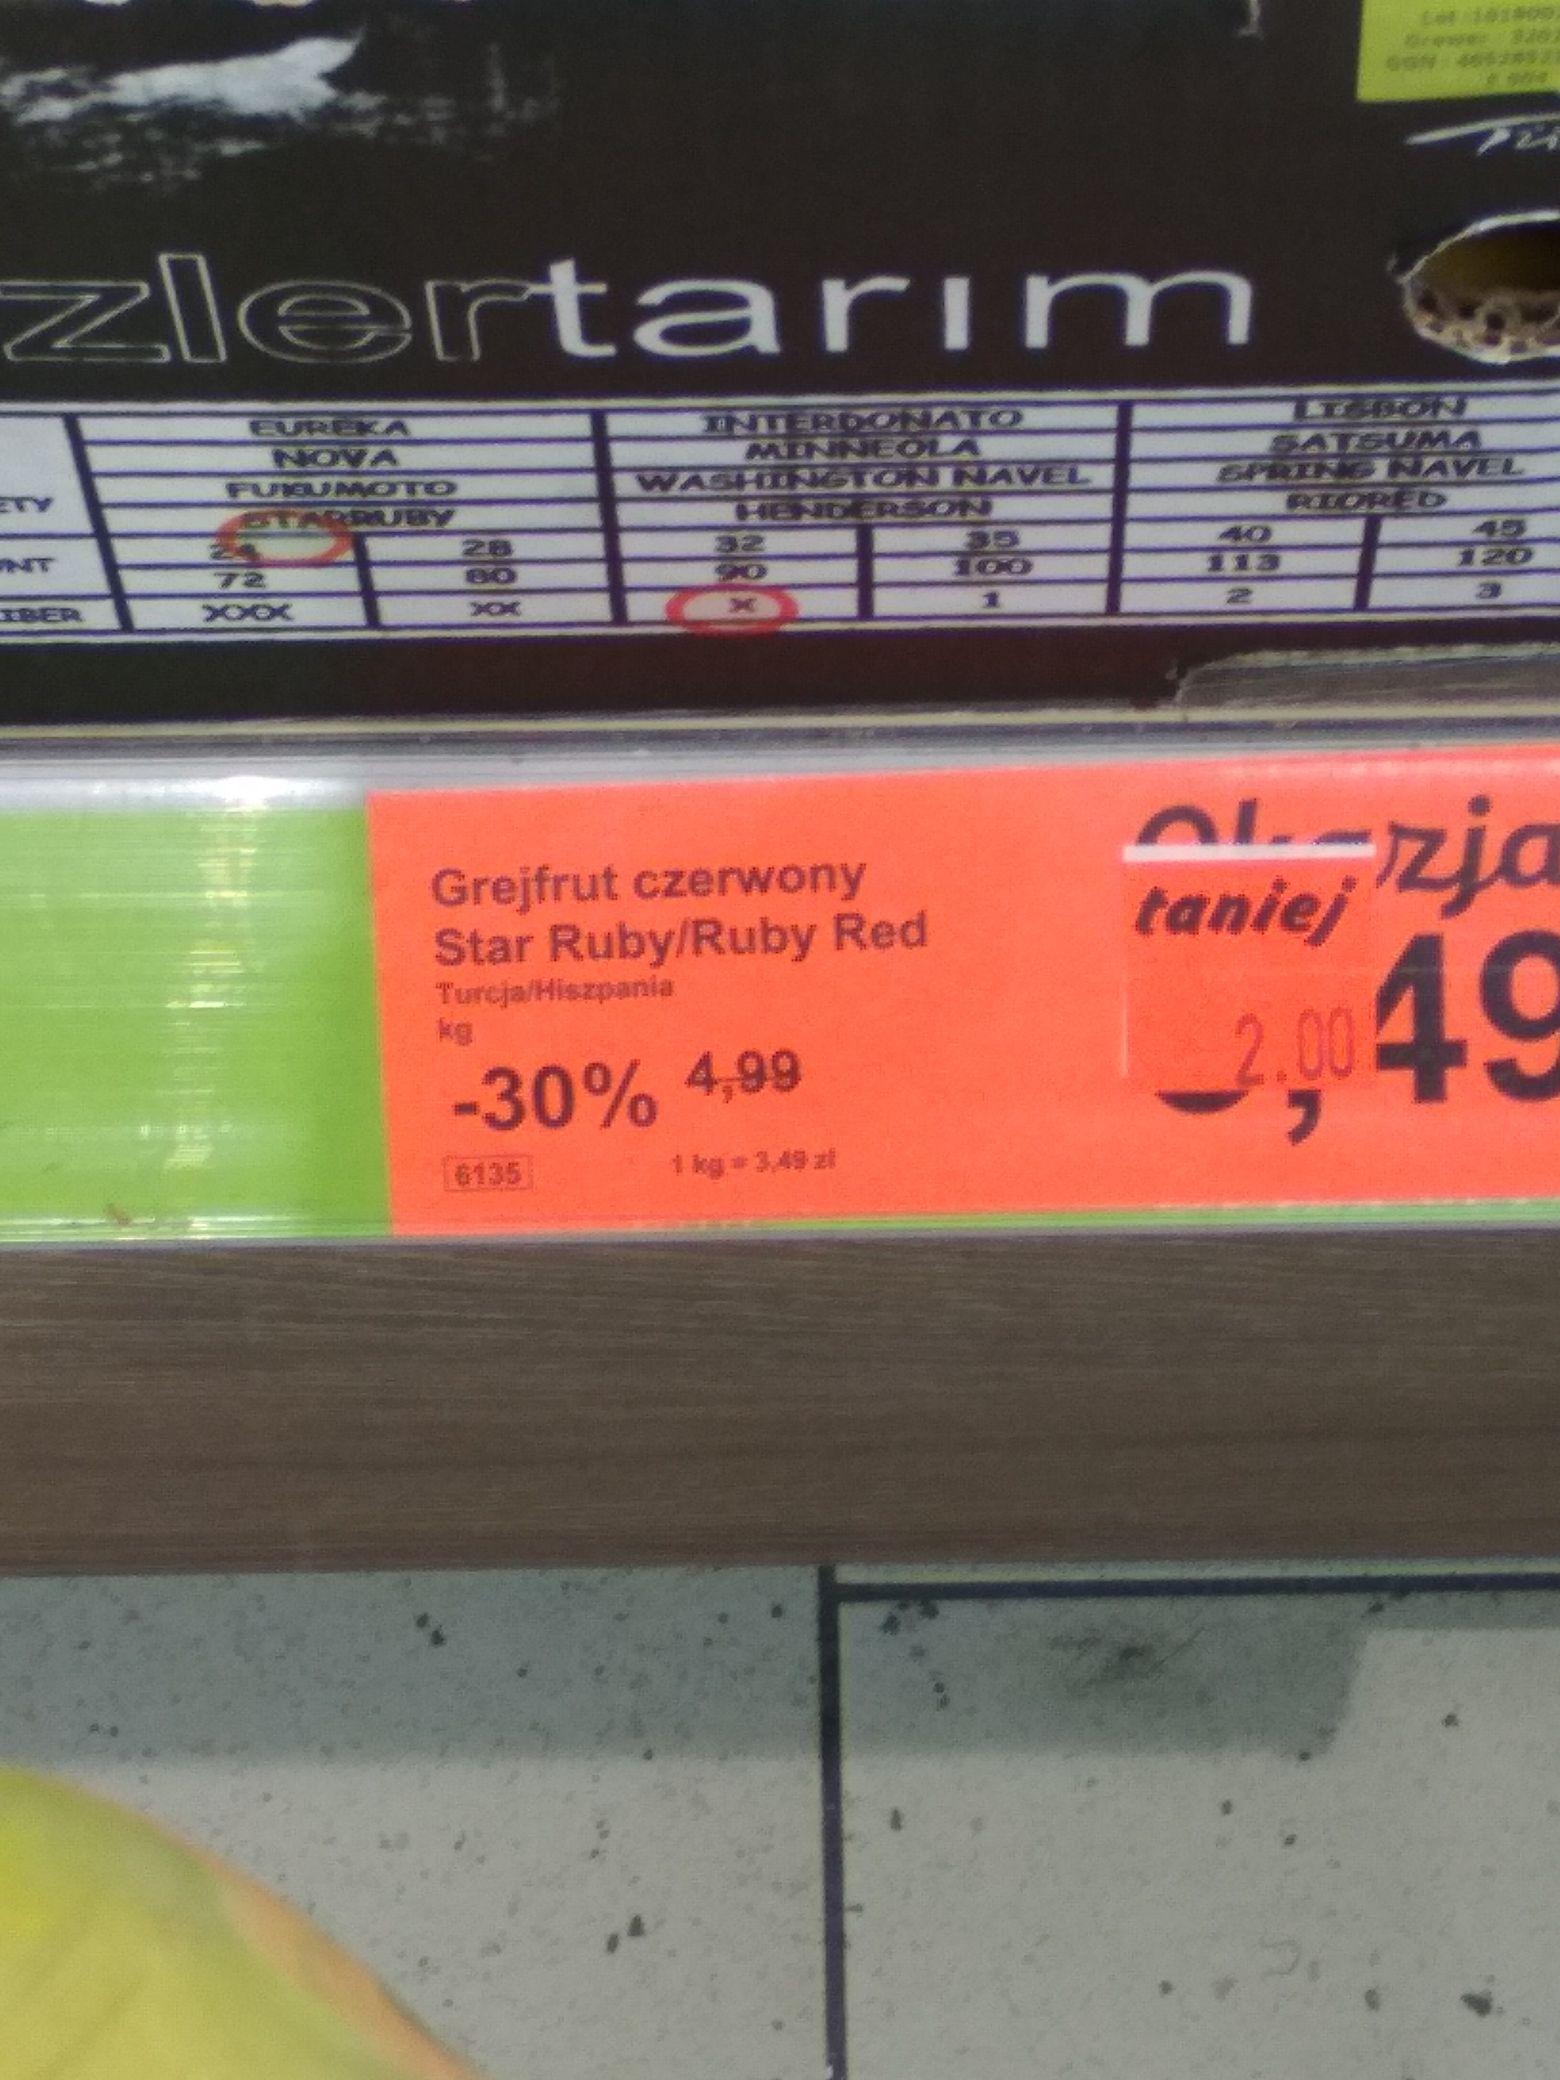 Grejpfrut po 2 zl/kg w Aldi